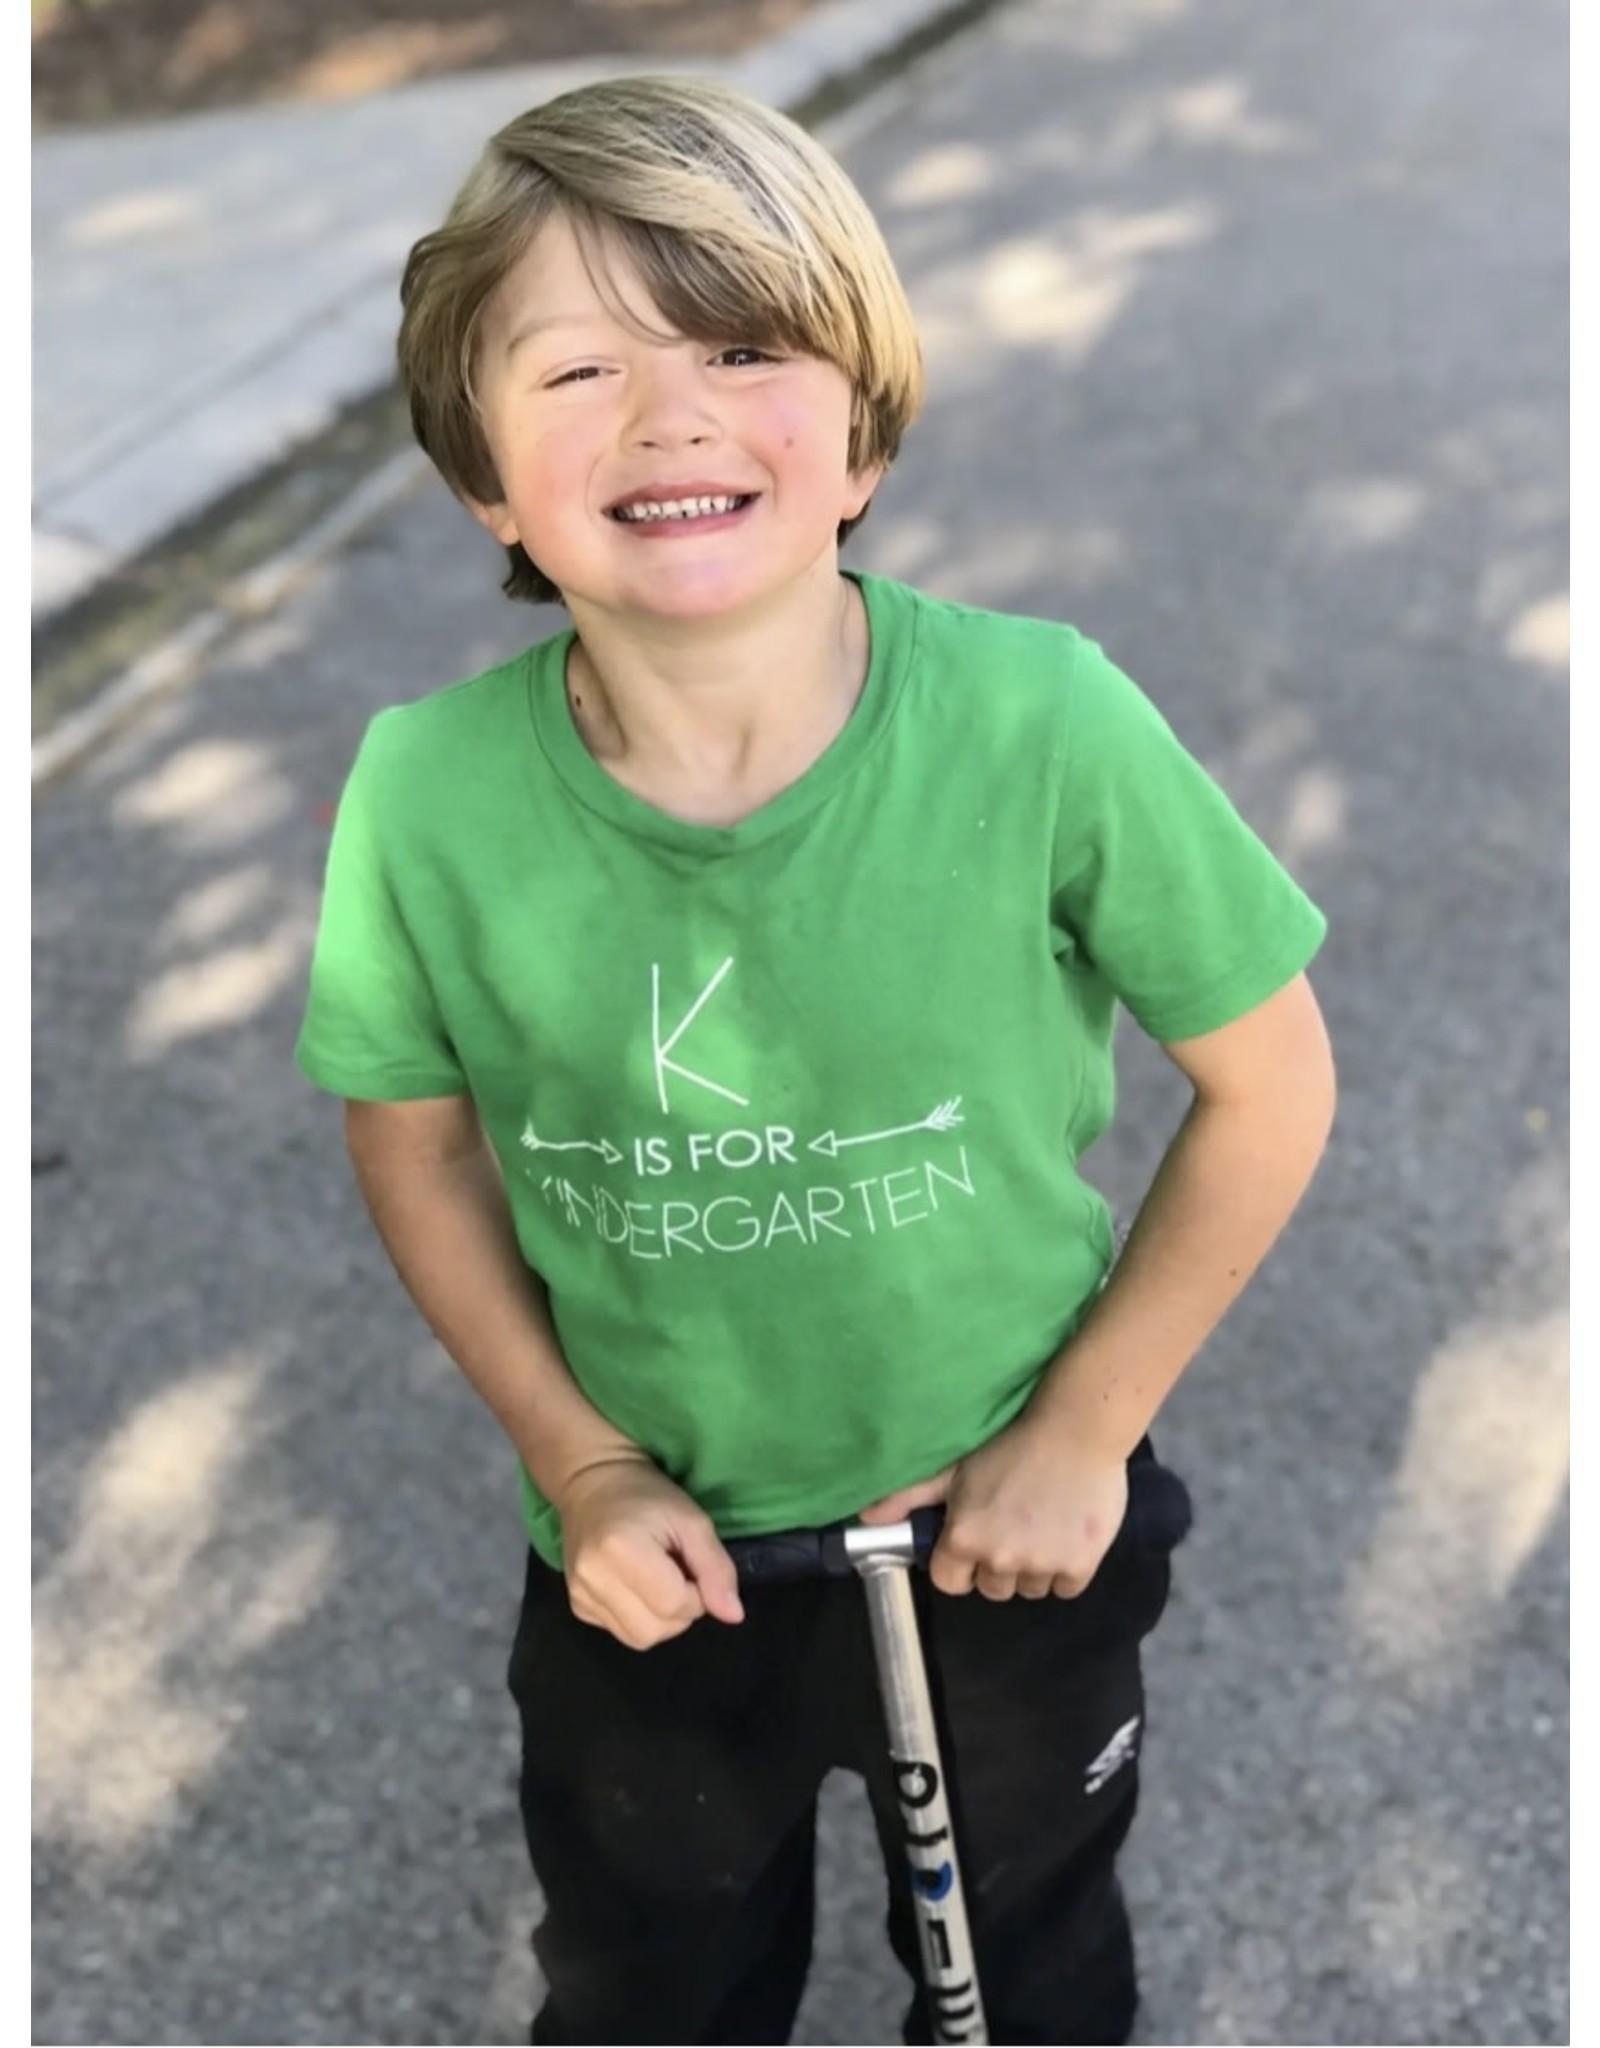 Little Hoot- K is for Kindergarten: Kelly Green